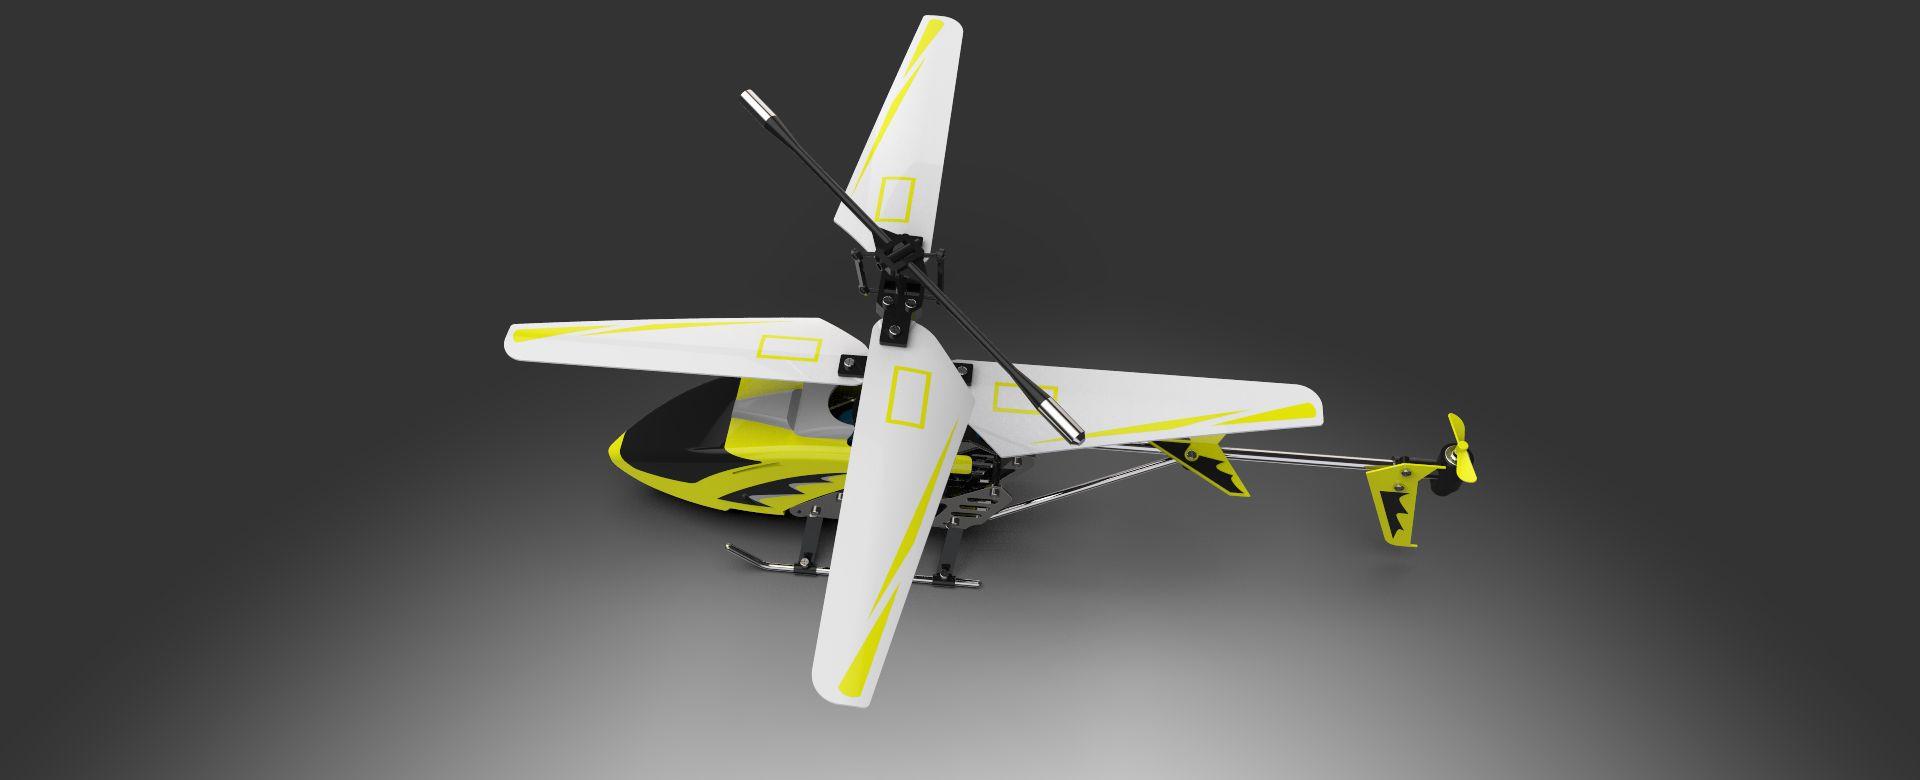 Choper-169-3500-3500